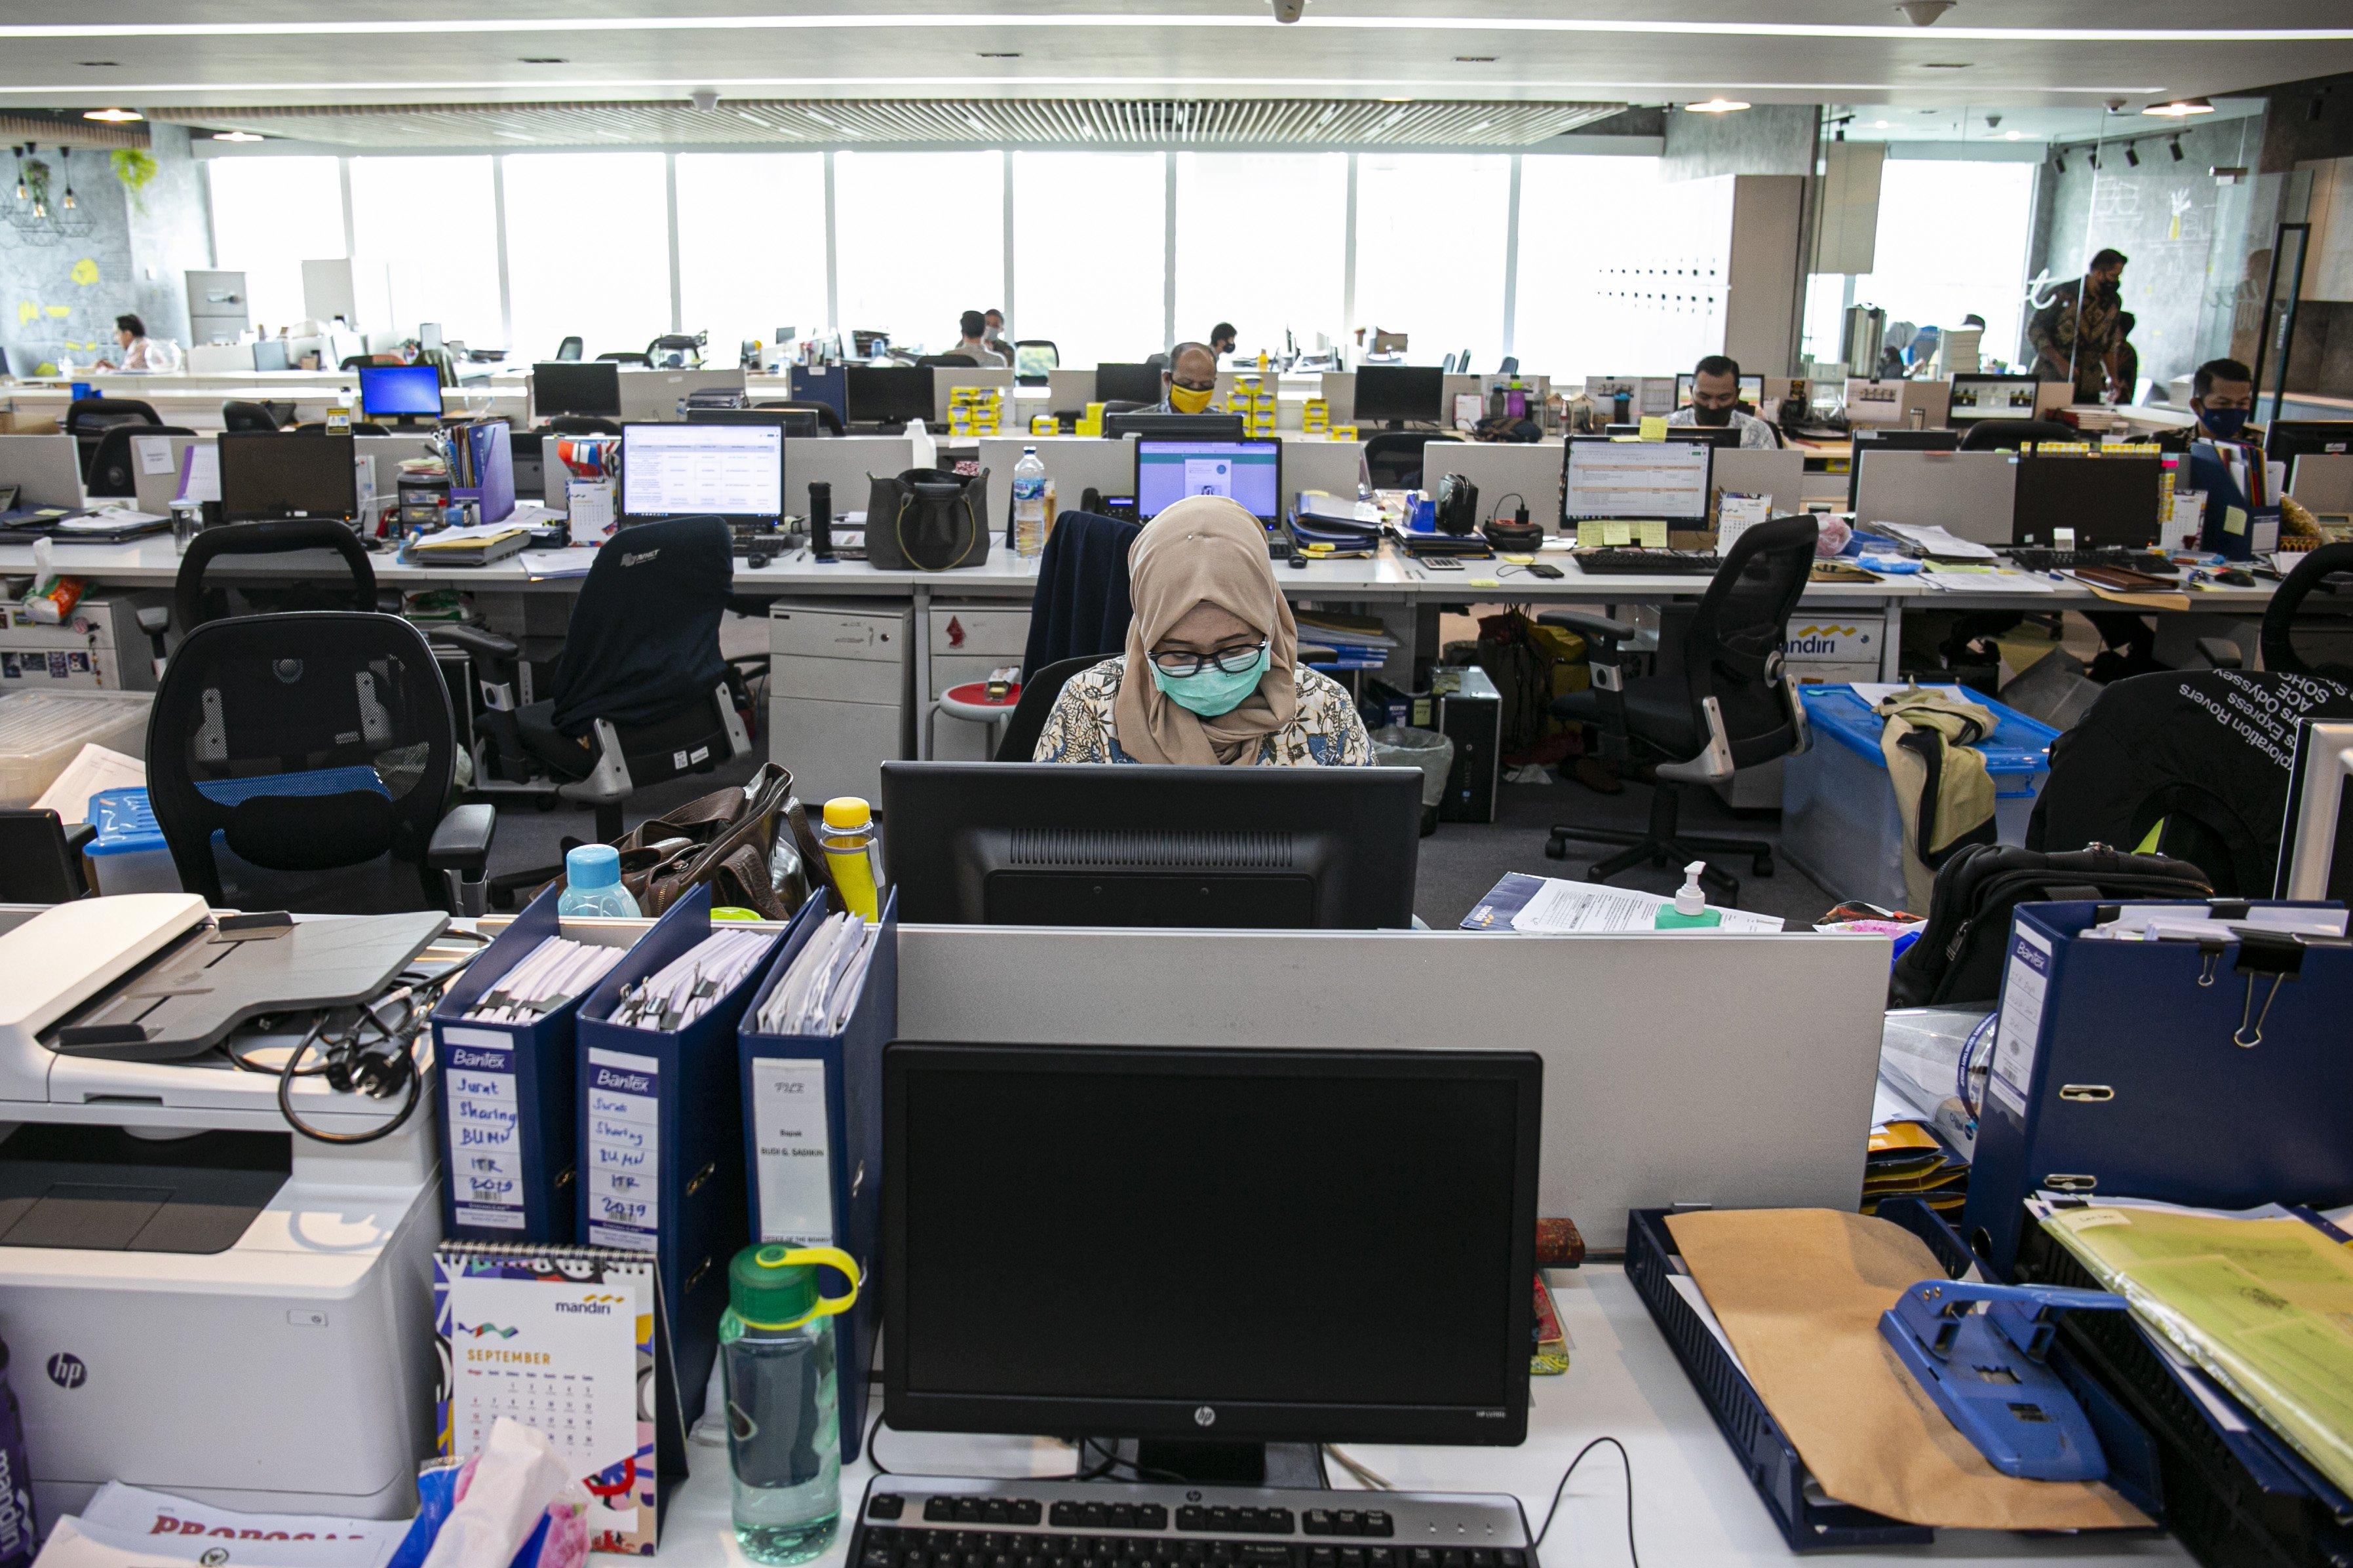 Karyawan melakukan aktivitas di perkantoran Bank Mandiri, Jakarta Pusat, Senin (14/9/2020). Sementara itupada PSBBJakarta diperketat ini, Anies turut mengatur kapasitas perkantoran di DKI, baik pemerintah maupun swasta untuk 2 pekan ke depan diatur sebesar 25 persen.